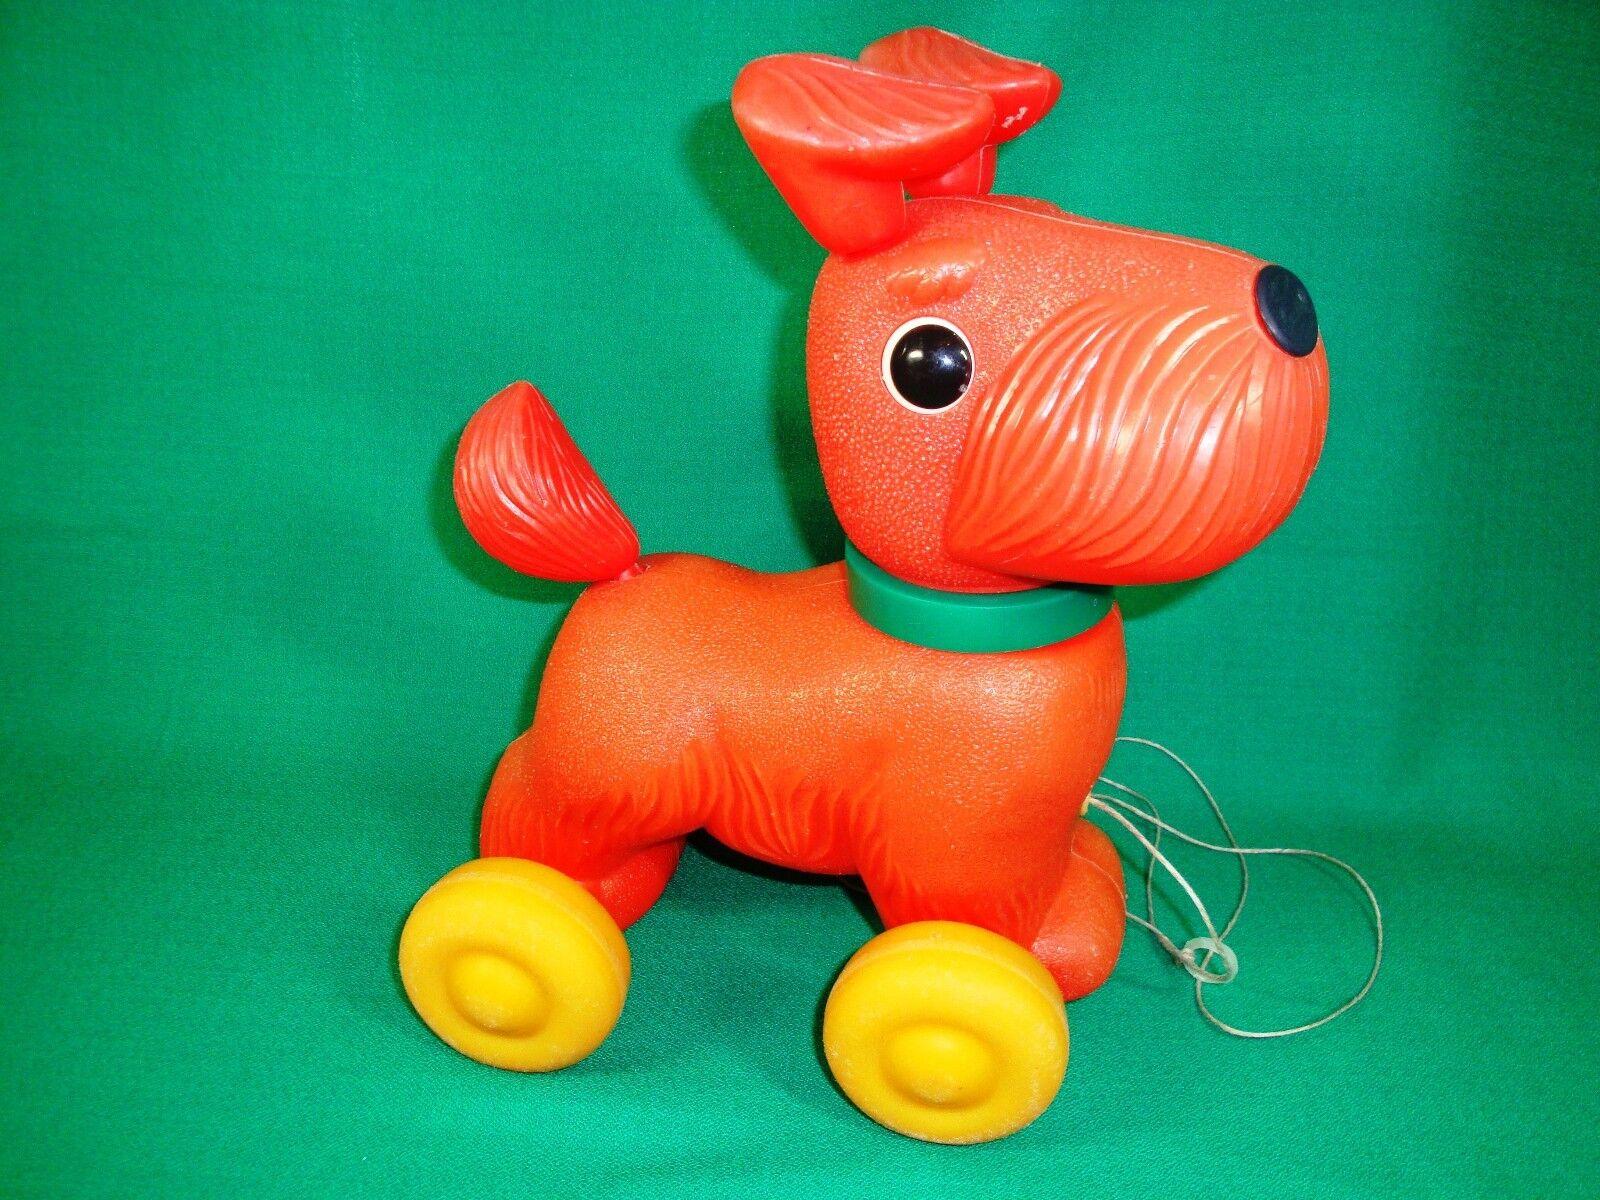 USSR VINTAGE Soviet RUSSIA PLASTIC TOY DOG ON WHEELS